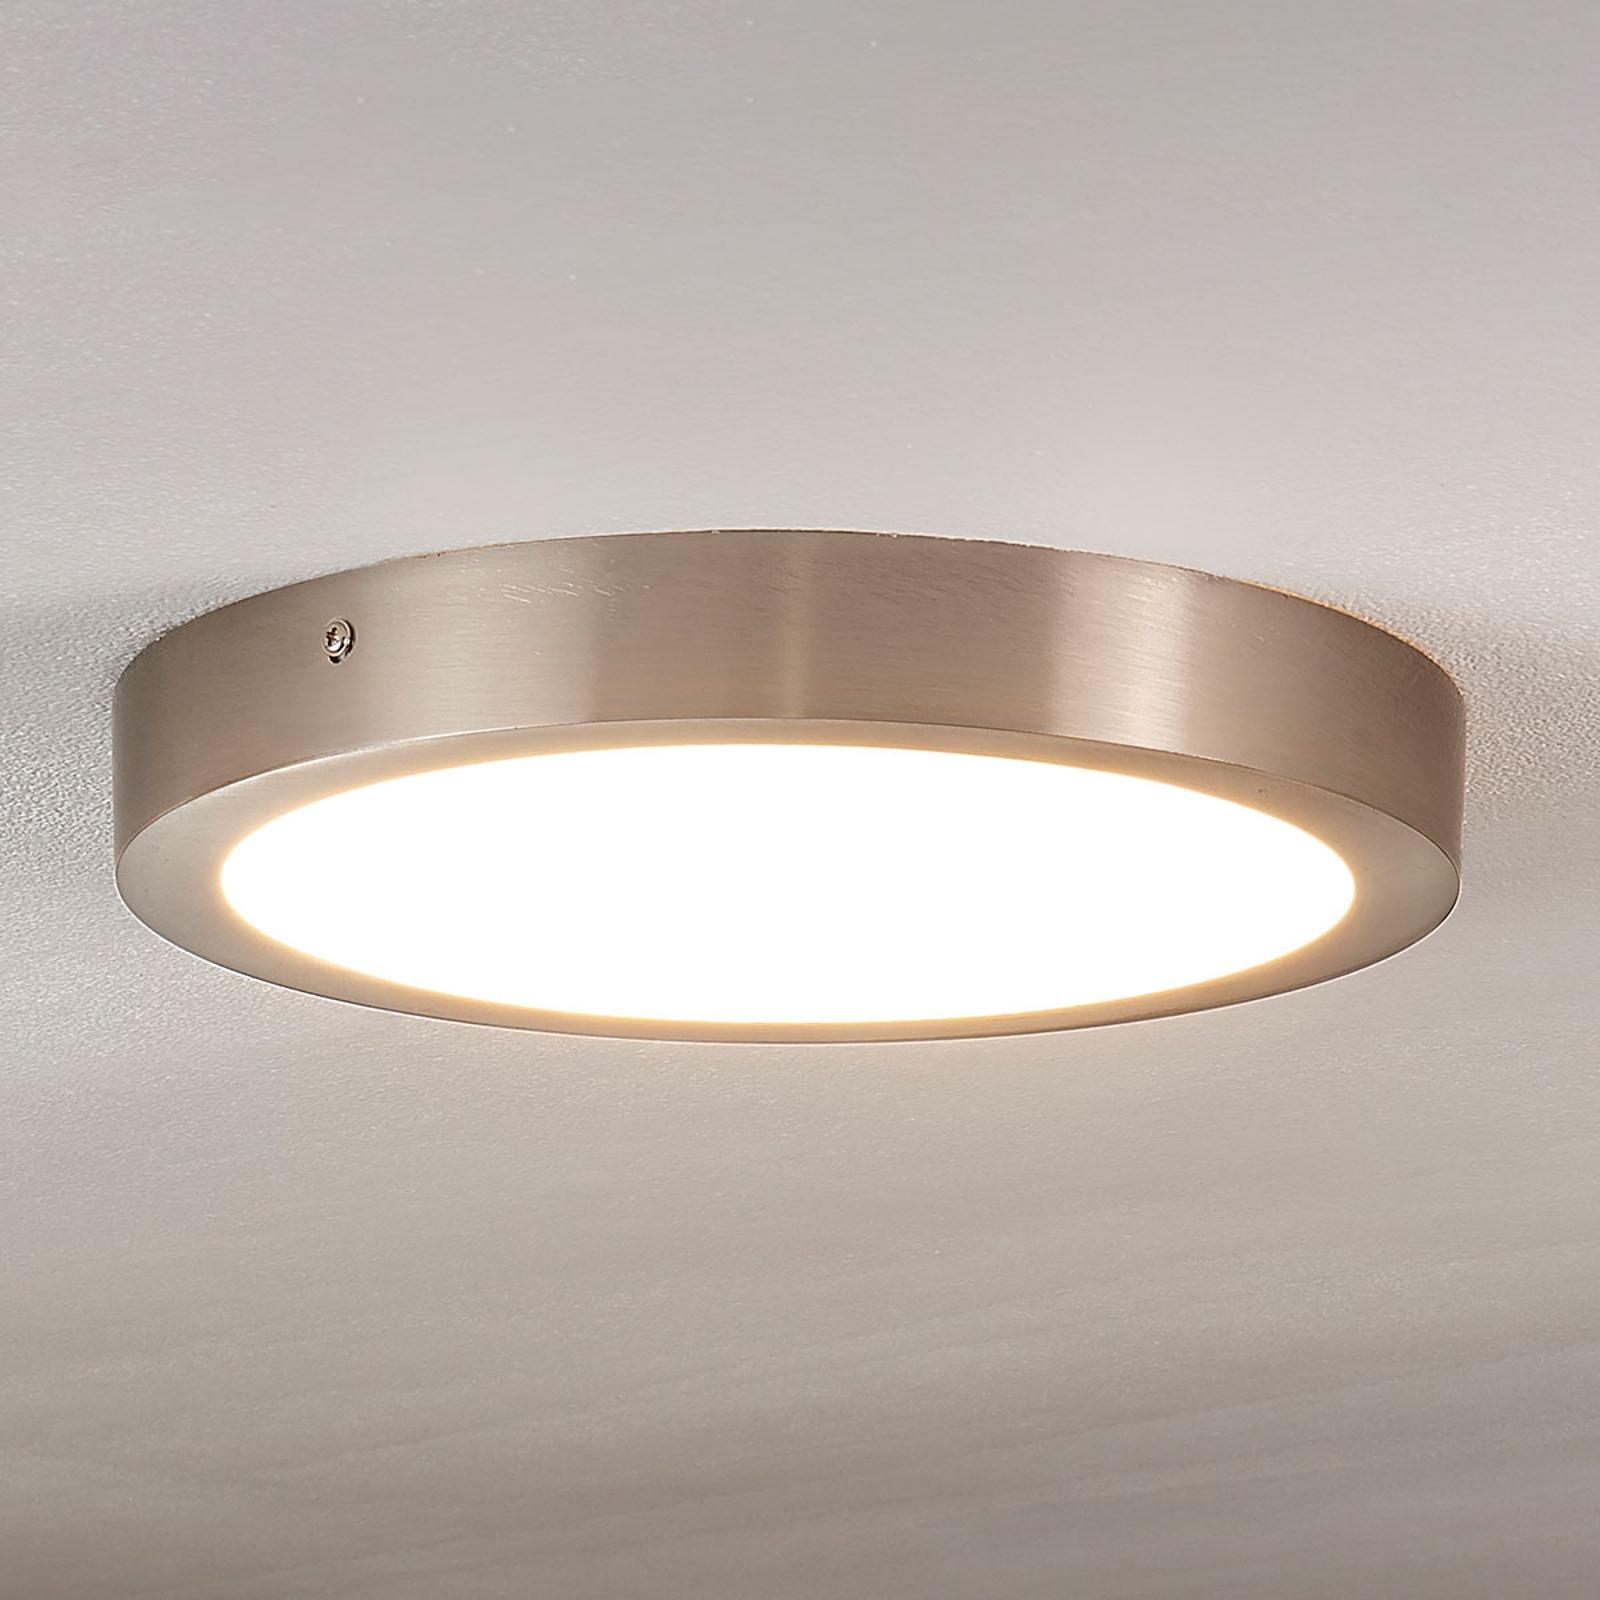 Milea - plafonnier LED de forme ronde